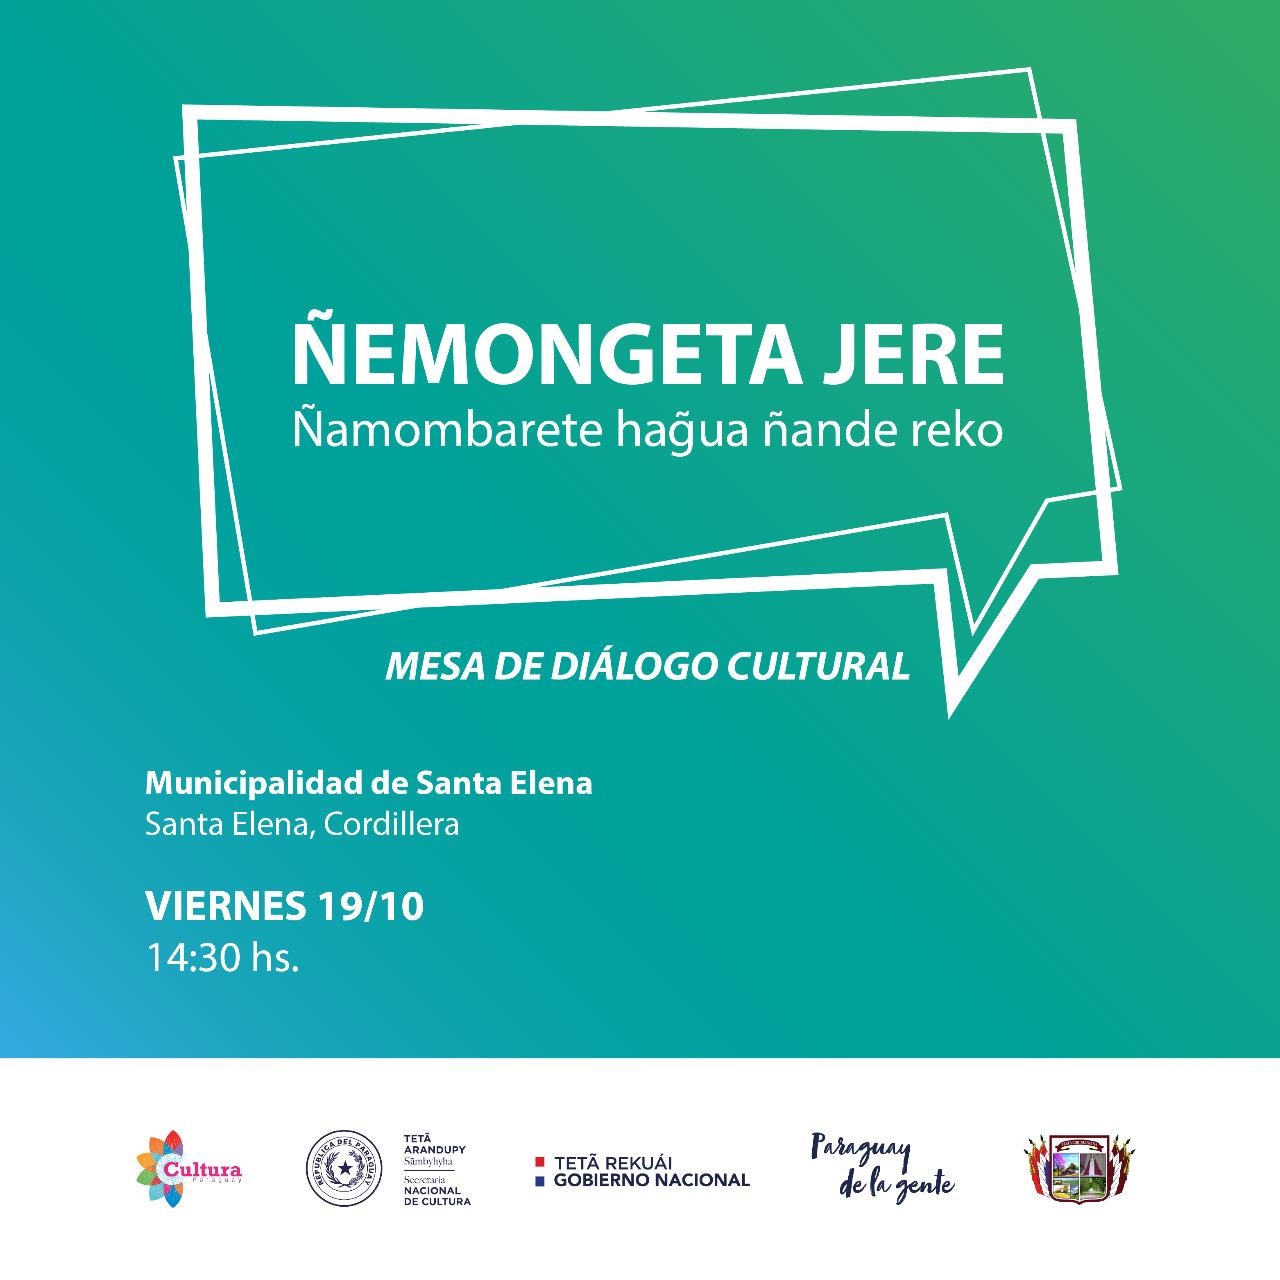 Realizarán el Ñemongeta Jere en Santa Elena imagen